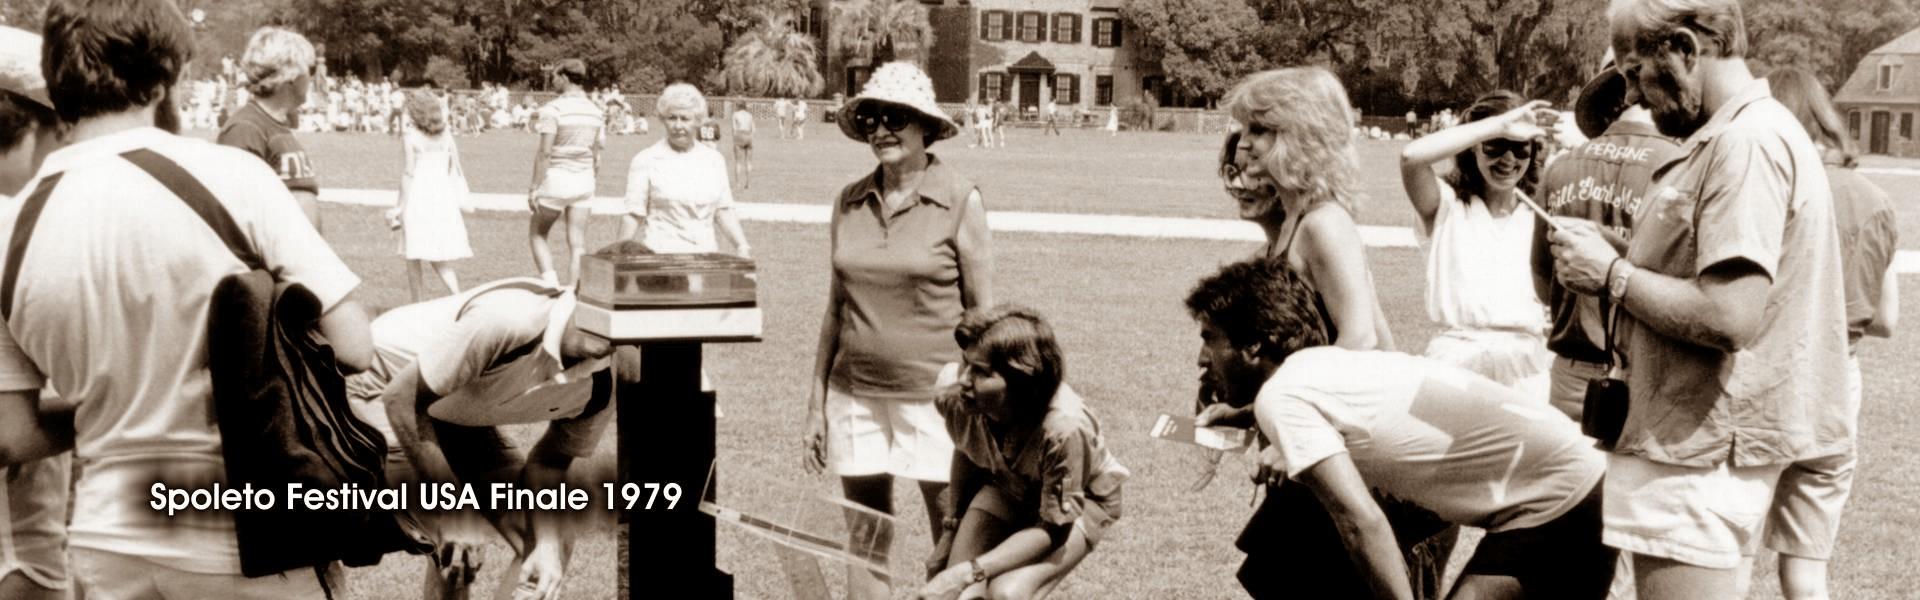 Spoleto Festival USA 1979